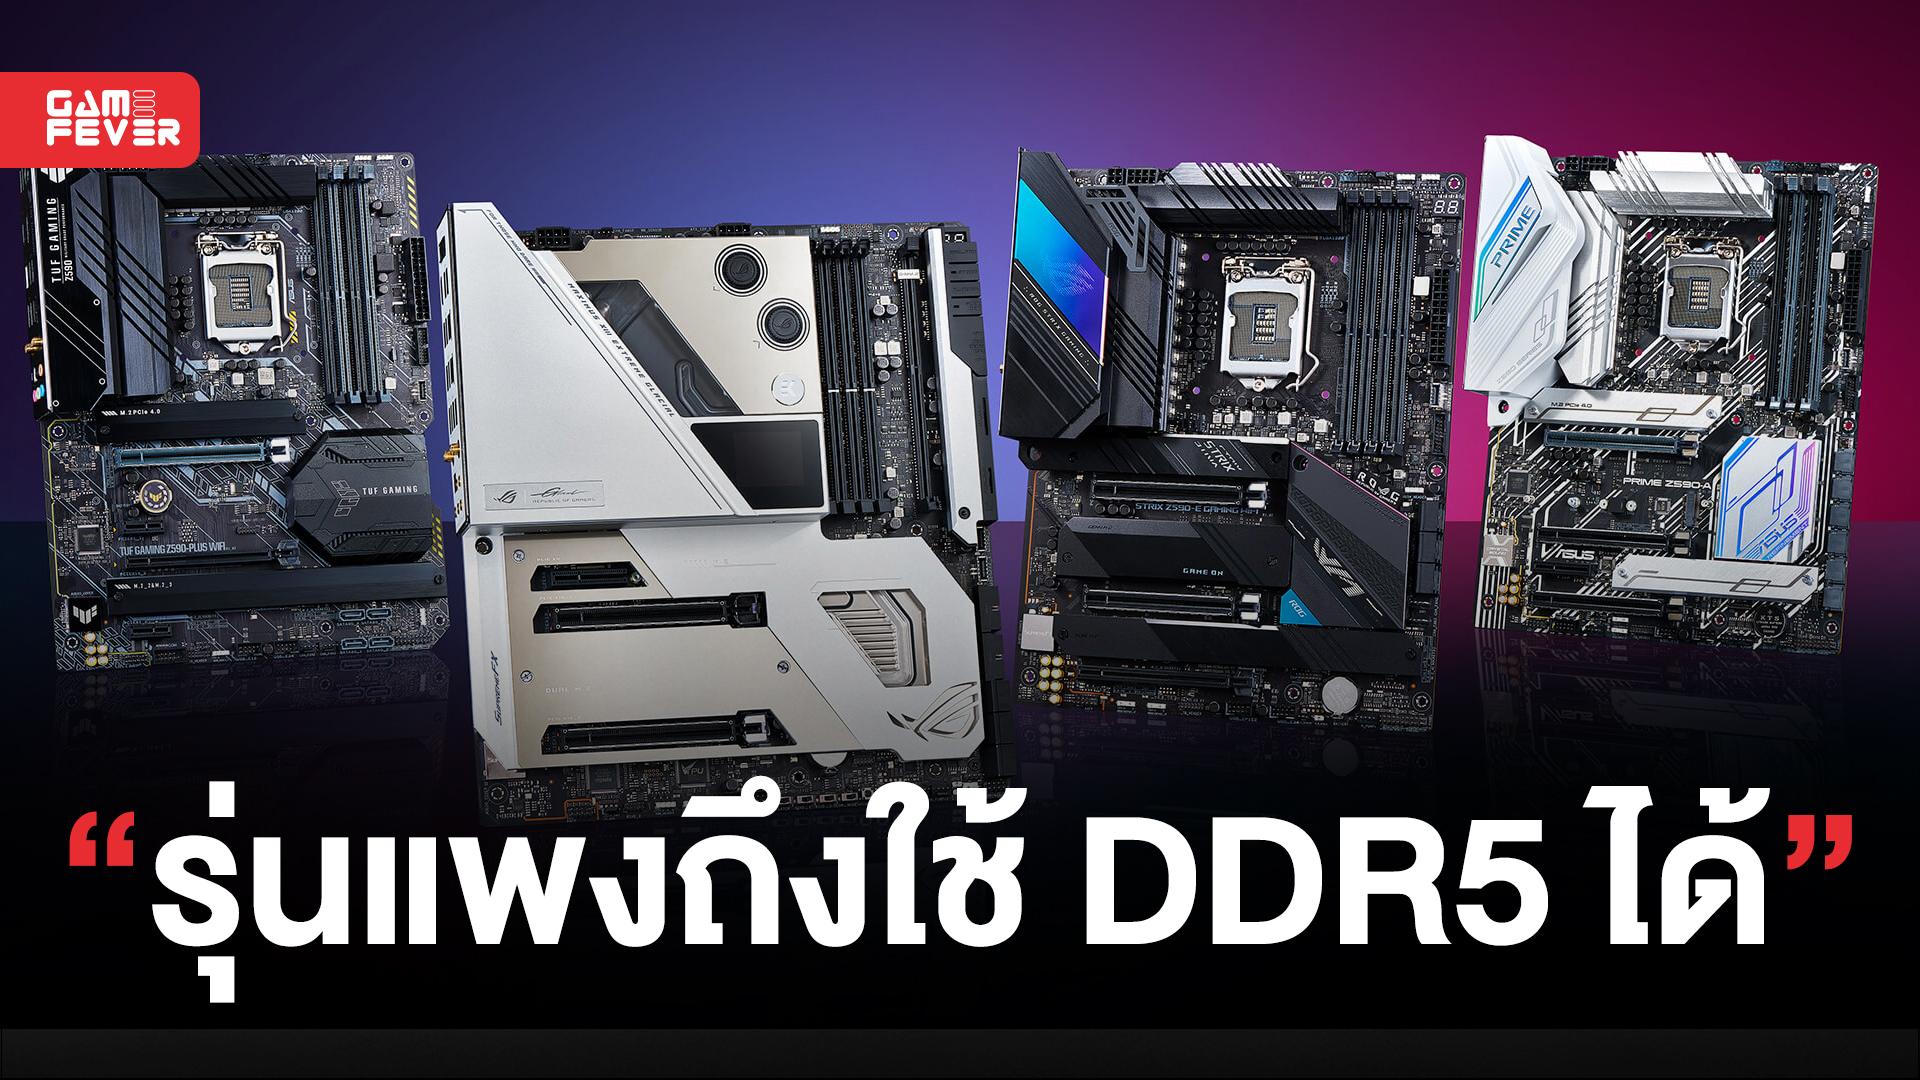 หลุดข้อมูล Z690 จากทาง Asus ไม่ใช่ทุกรุ่นที่จะใส่แรม DDR5 ได้